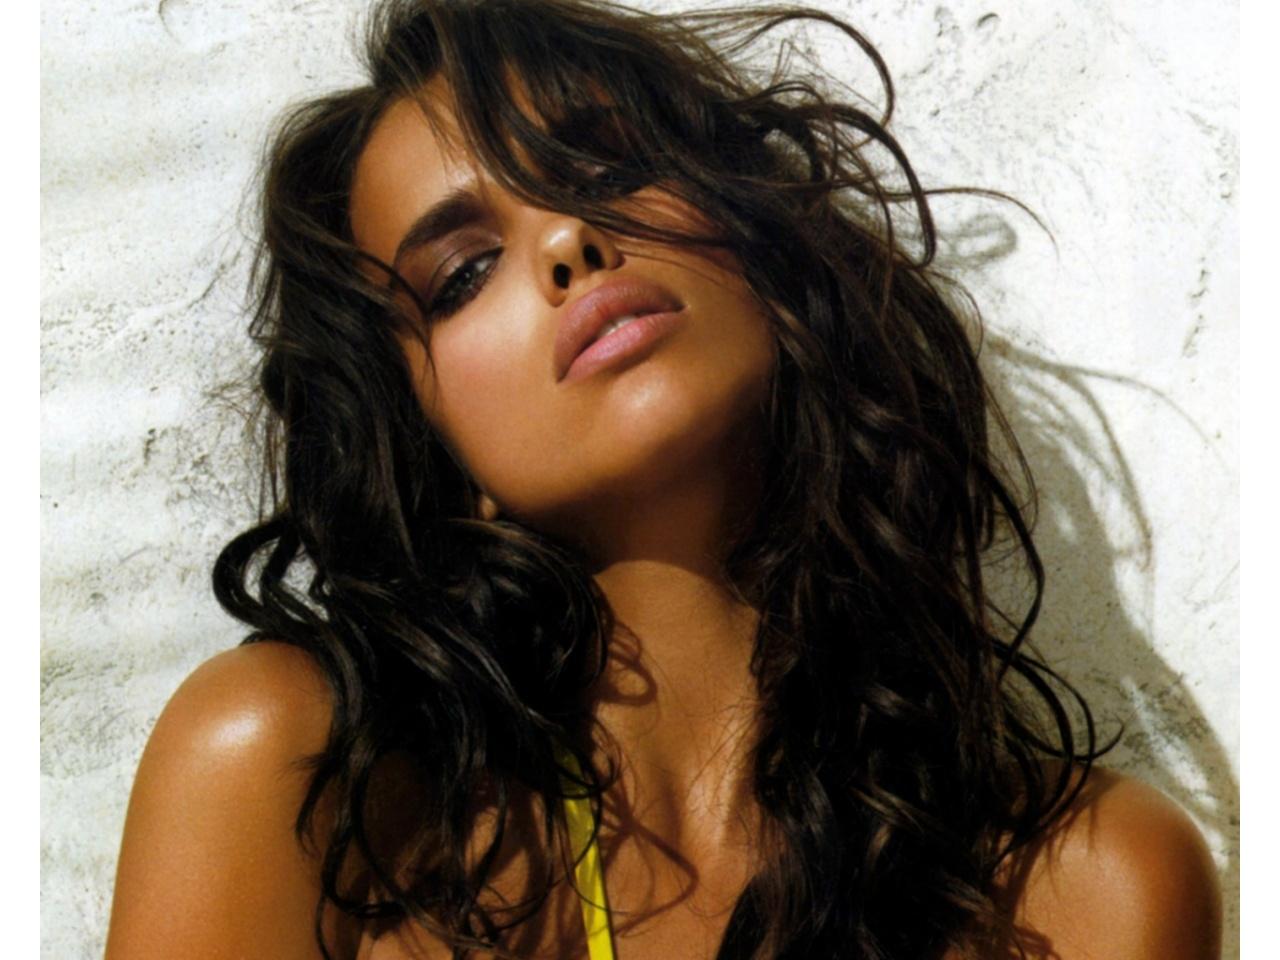 La modelo Irina Shayk, novia de Cristiano Ronaldo, se calienta en las playas de Tulum